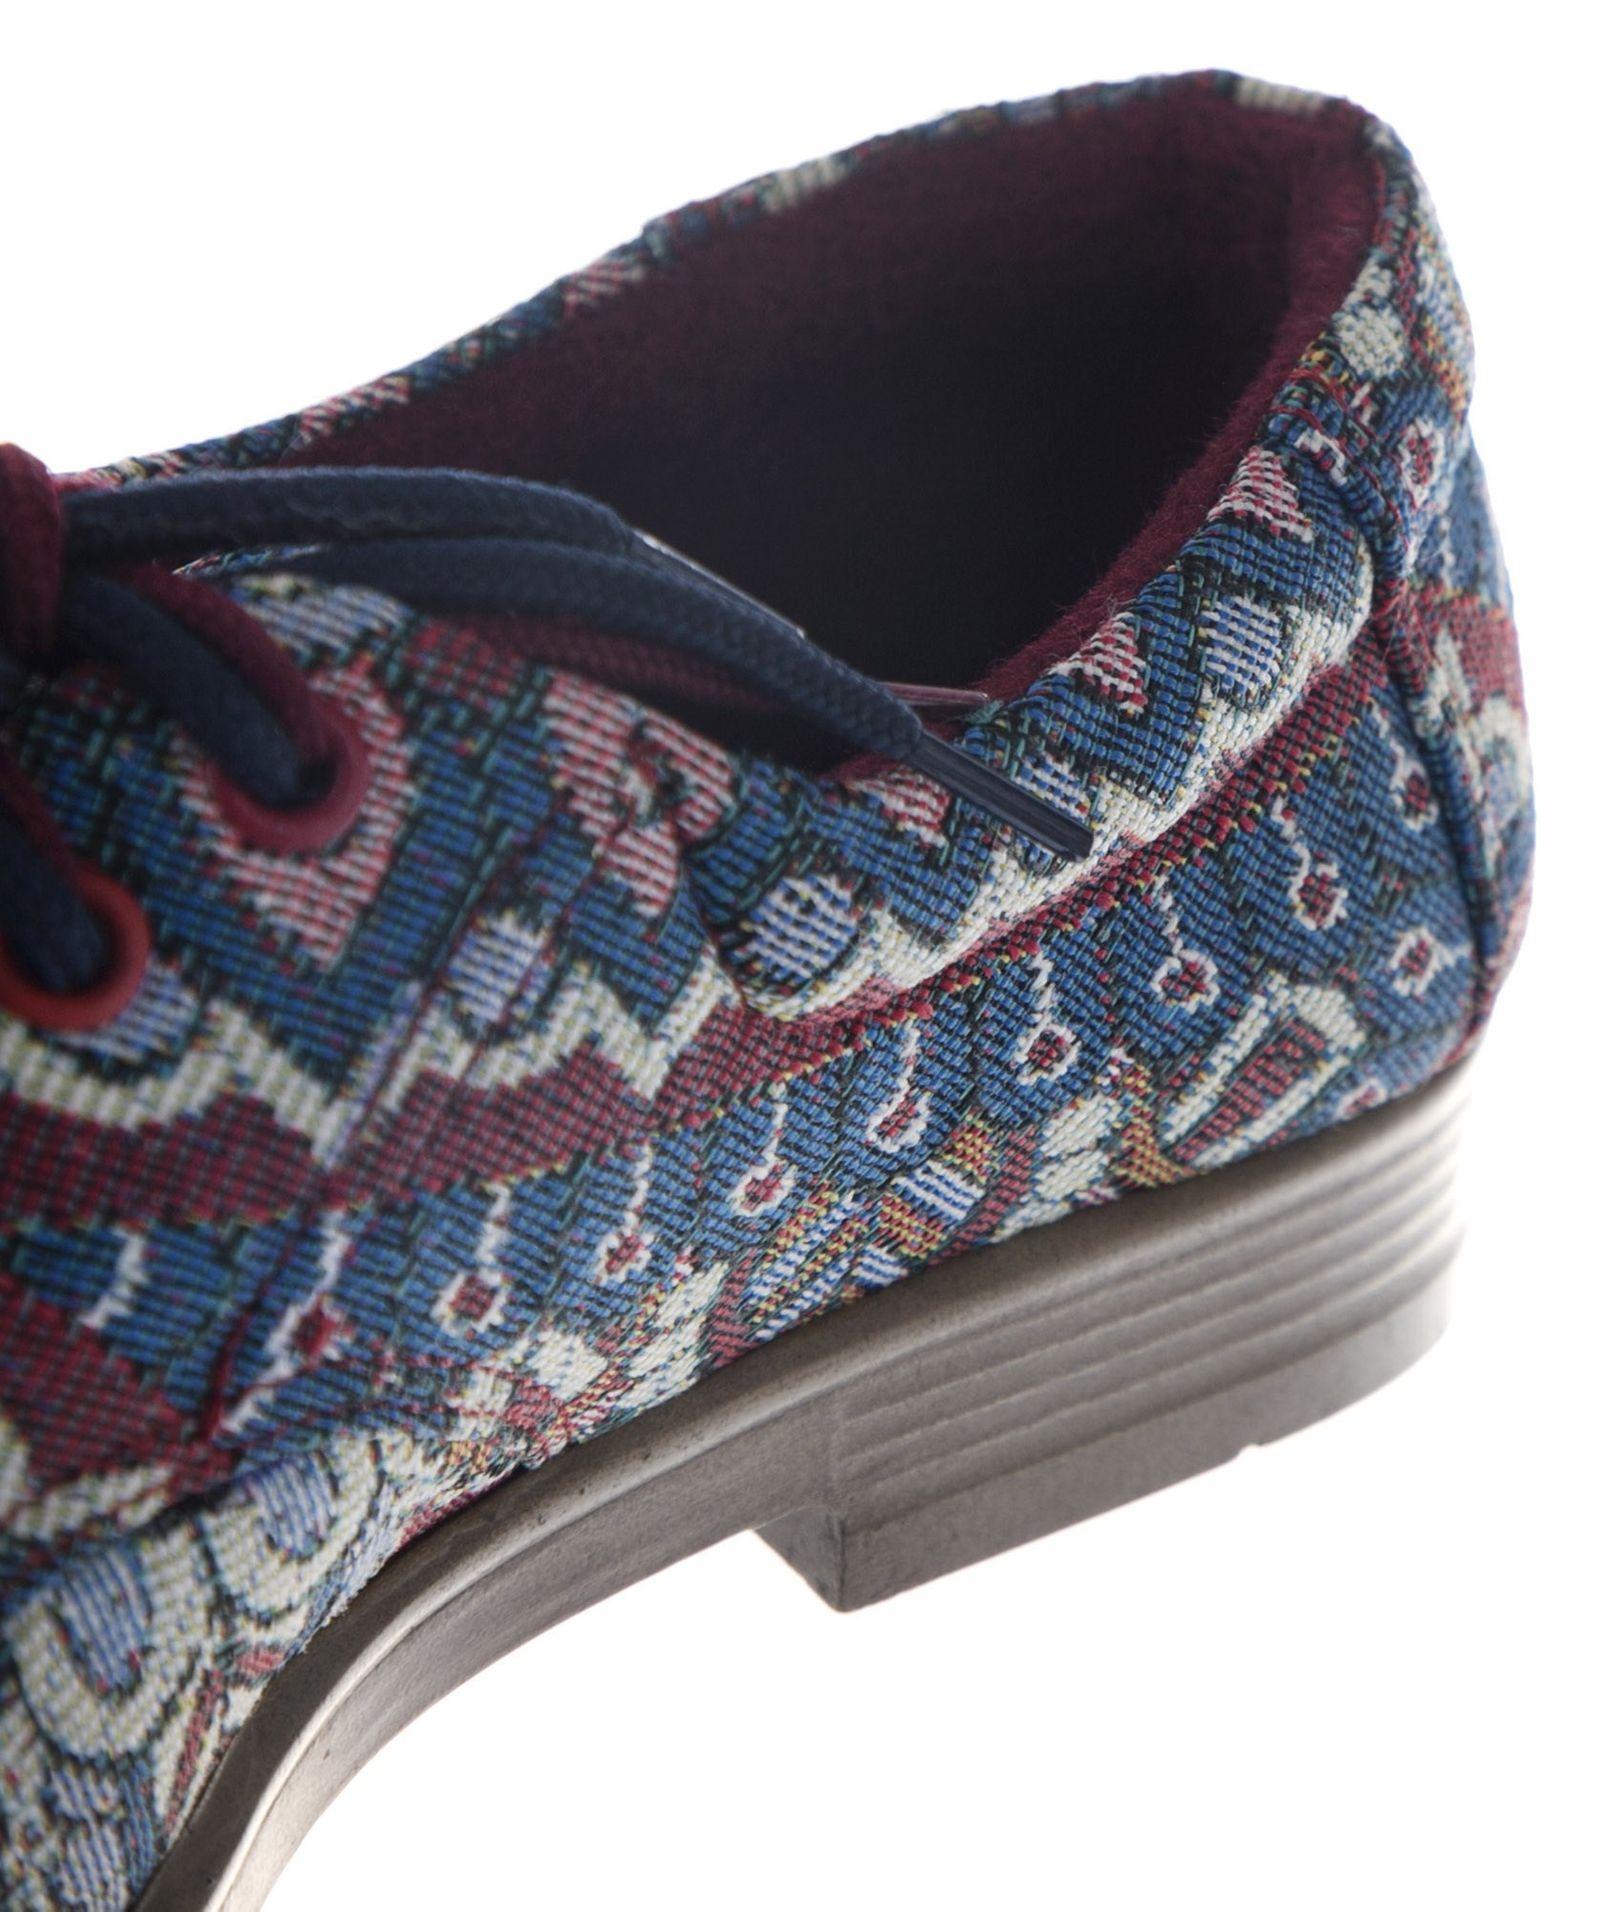 کفش تخت زنانه مدل طاووس - مینا فخارزاده - آبی / زرشکی - 6